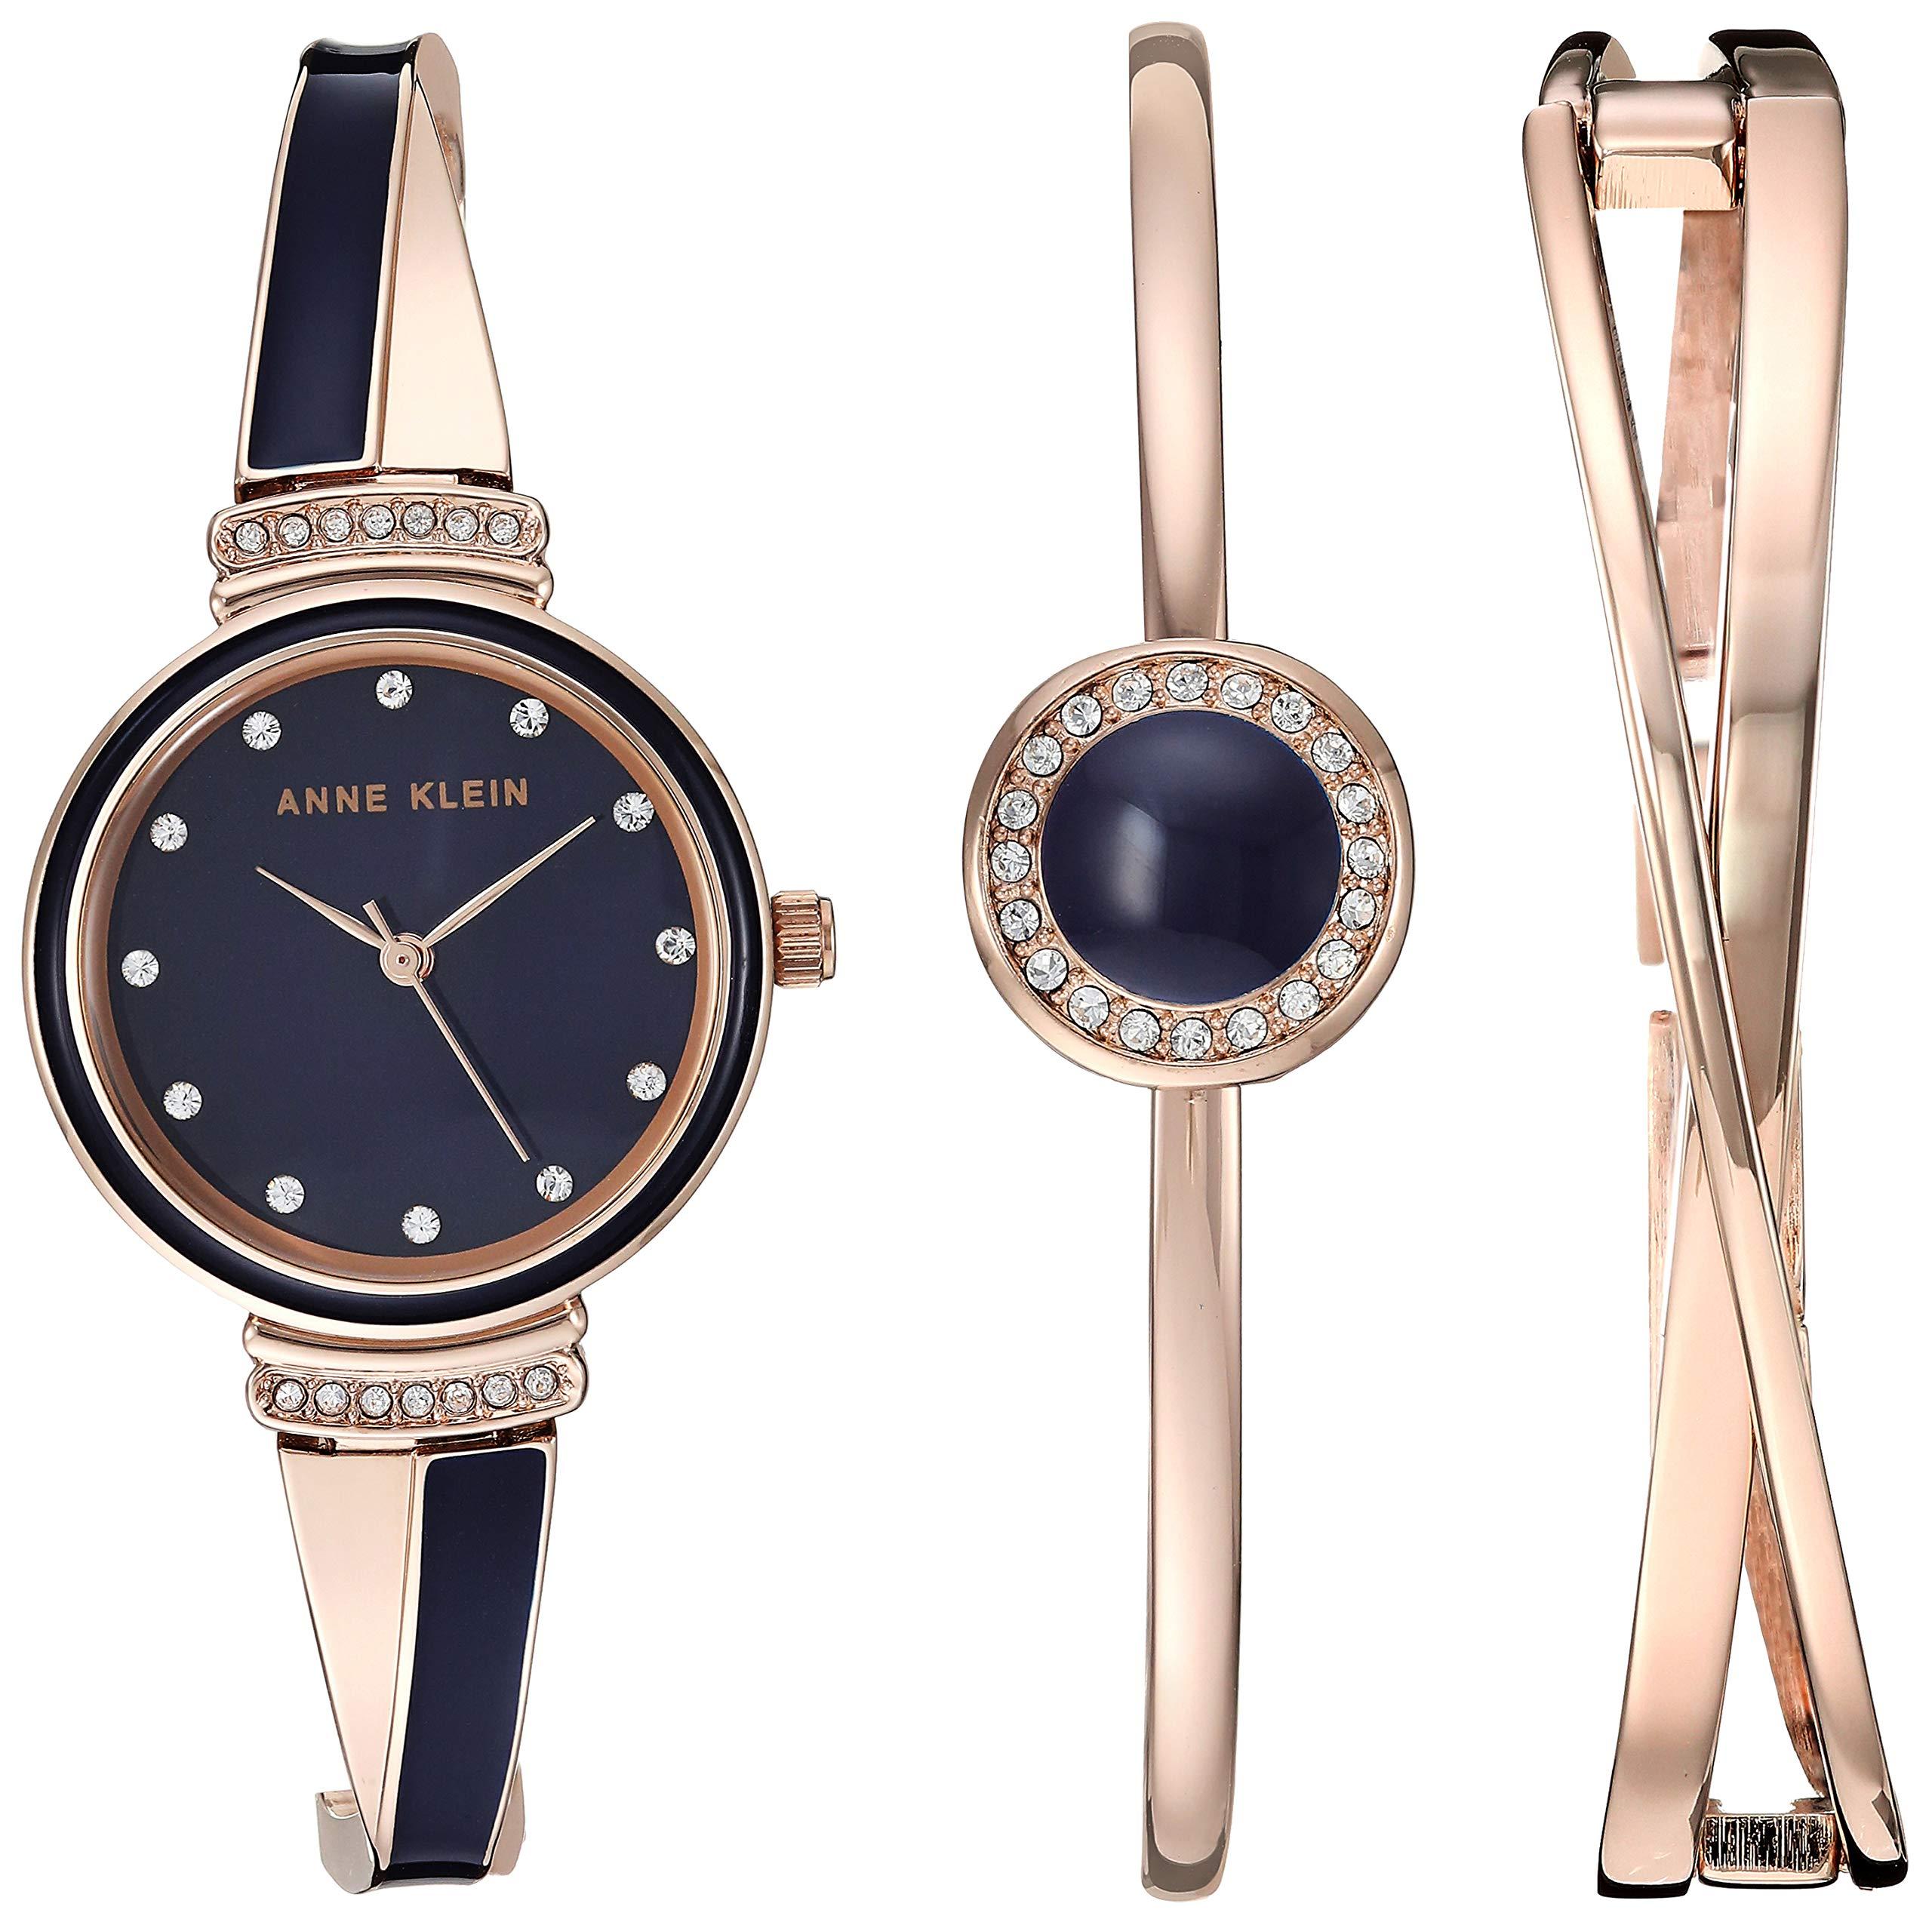 ست ساعت و دستبند Anne Klein که از کریستال های Swarovski در ست خود استفاده کرده است. قطر صفحه ساعت، ۲۶ میلیمتر بوده و ضد آب است